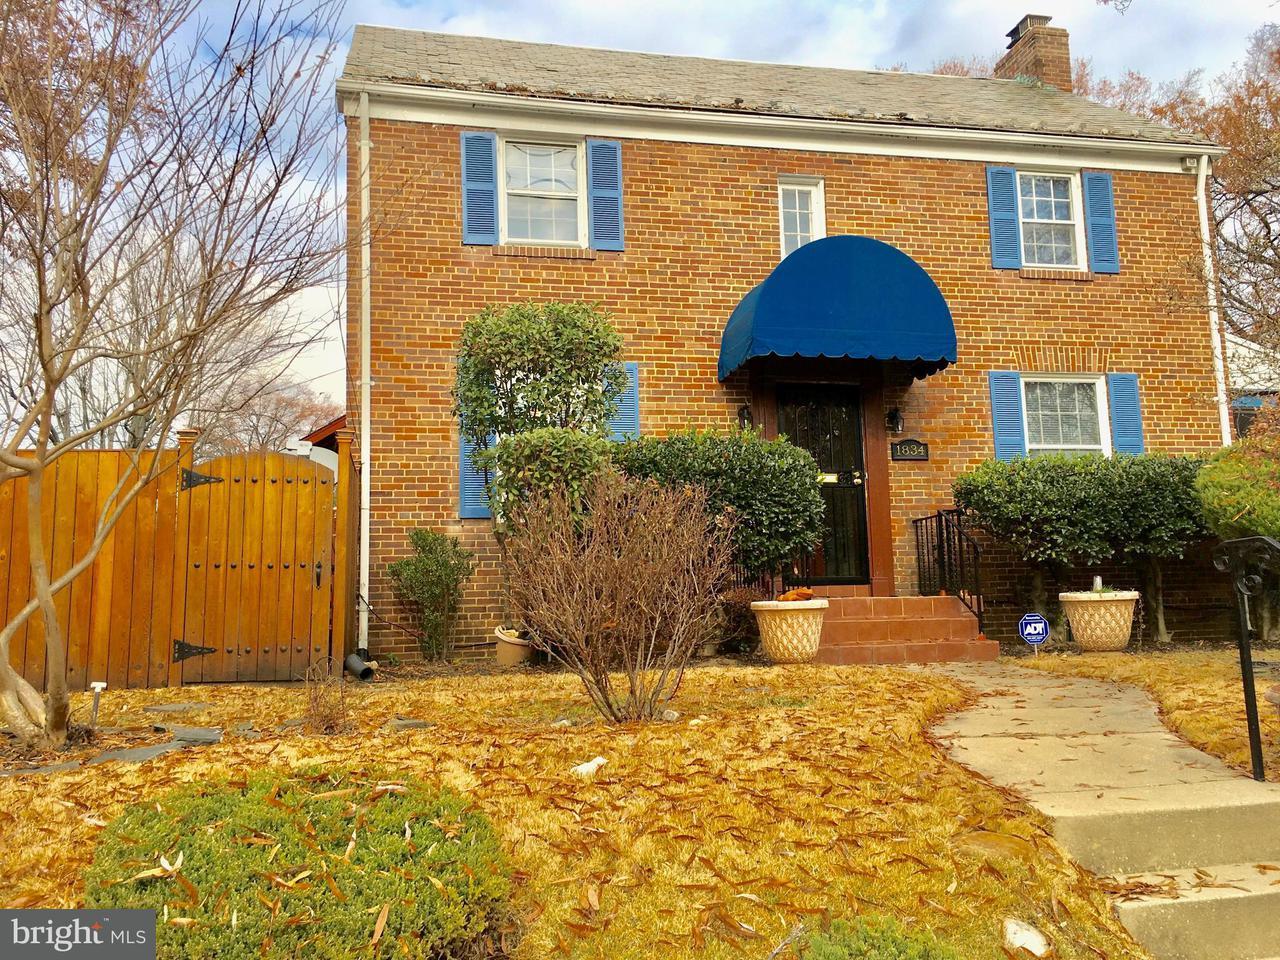 Maison unifamiliale pour l Vente à 1834 UPSHUR ST NE 1834 UPSHUR ST NE Washington, District De Columbia 20018 États-Unis